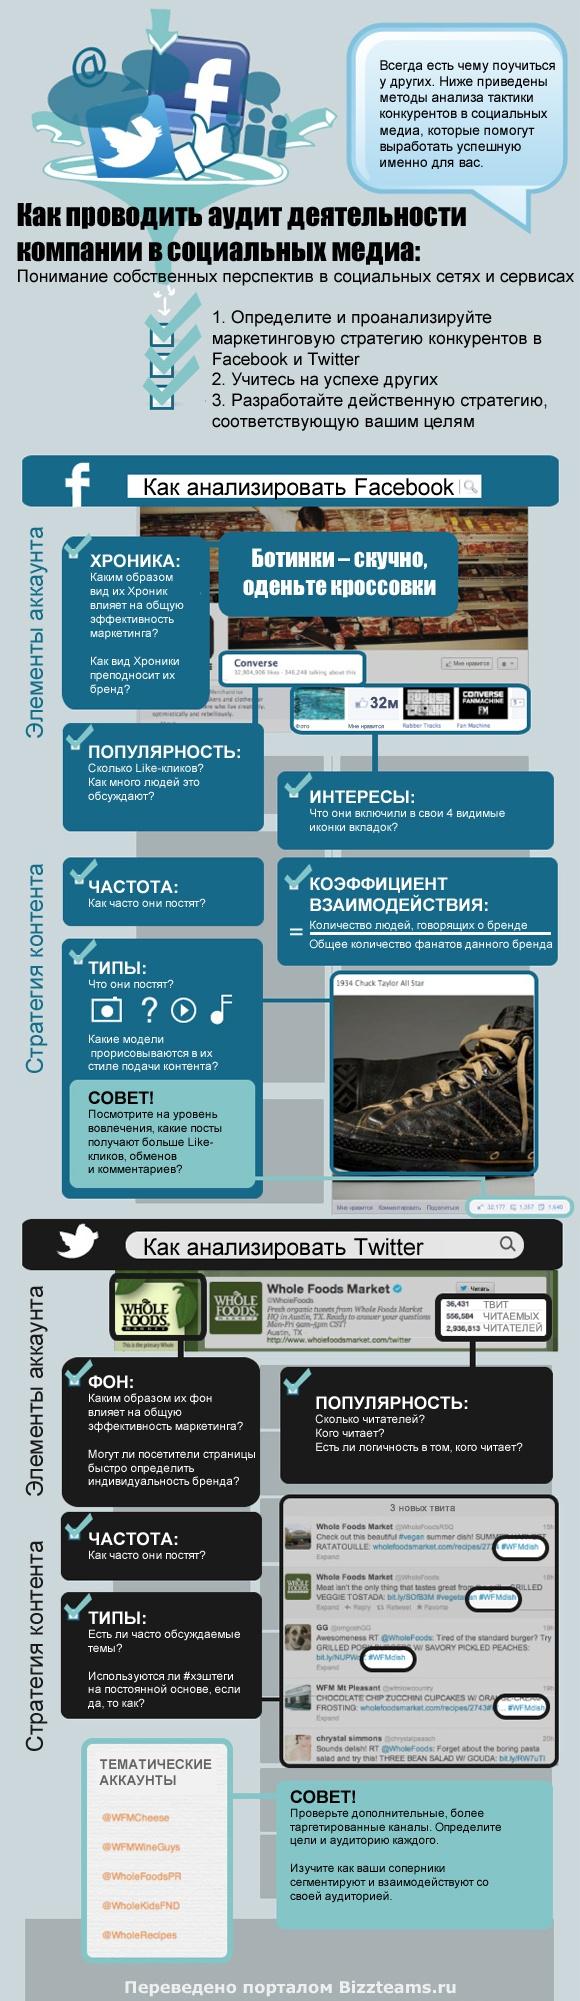 Аудит деятельности в социальных медиа